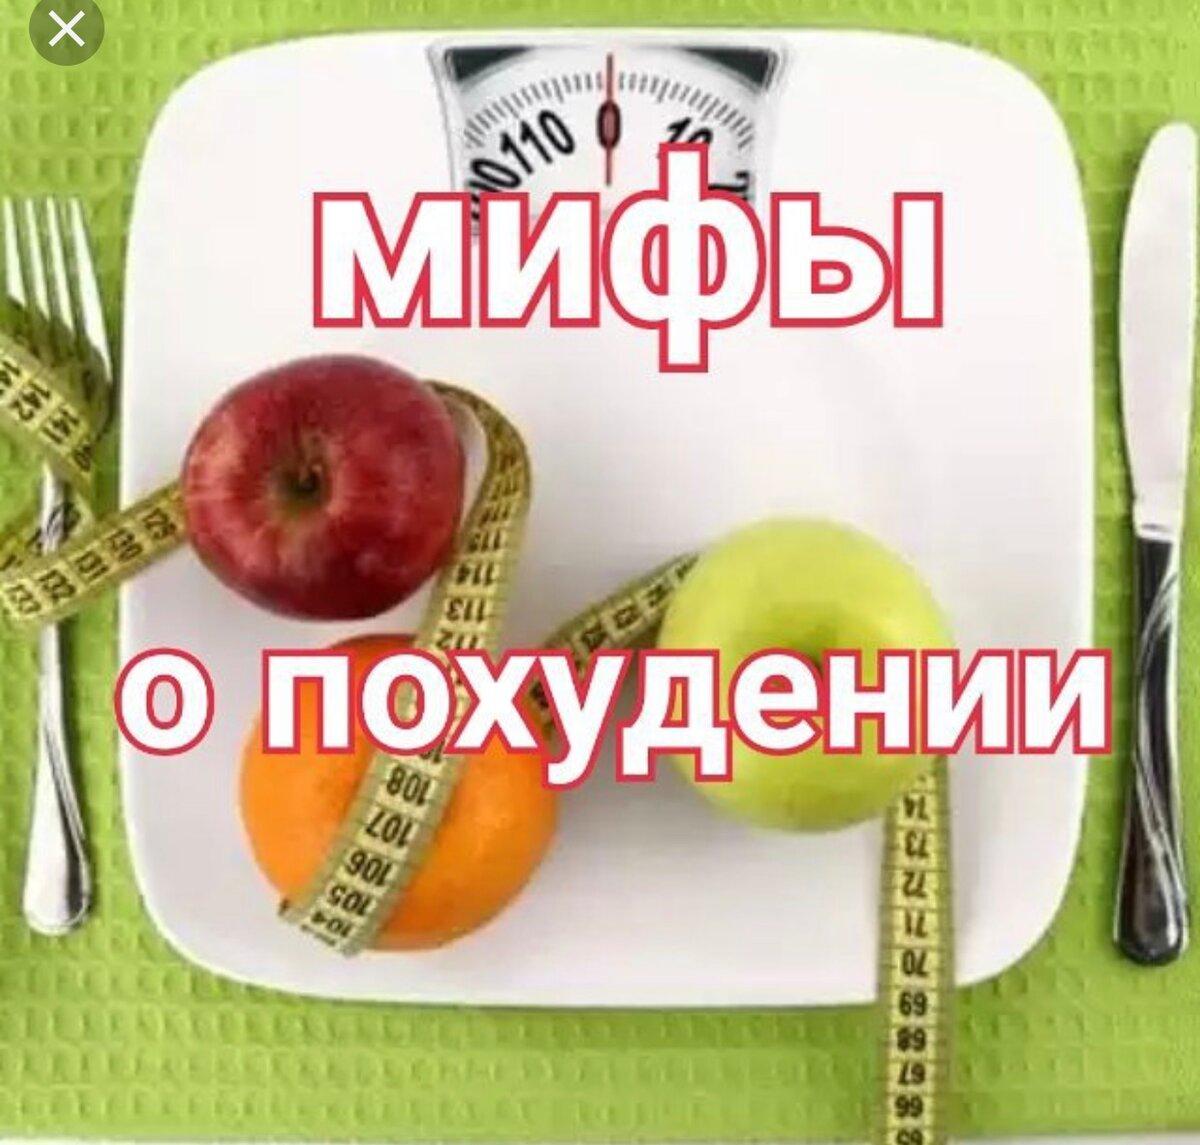 12 мифов о диетах. мифы и заблуждения о диетах